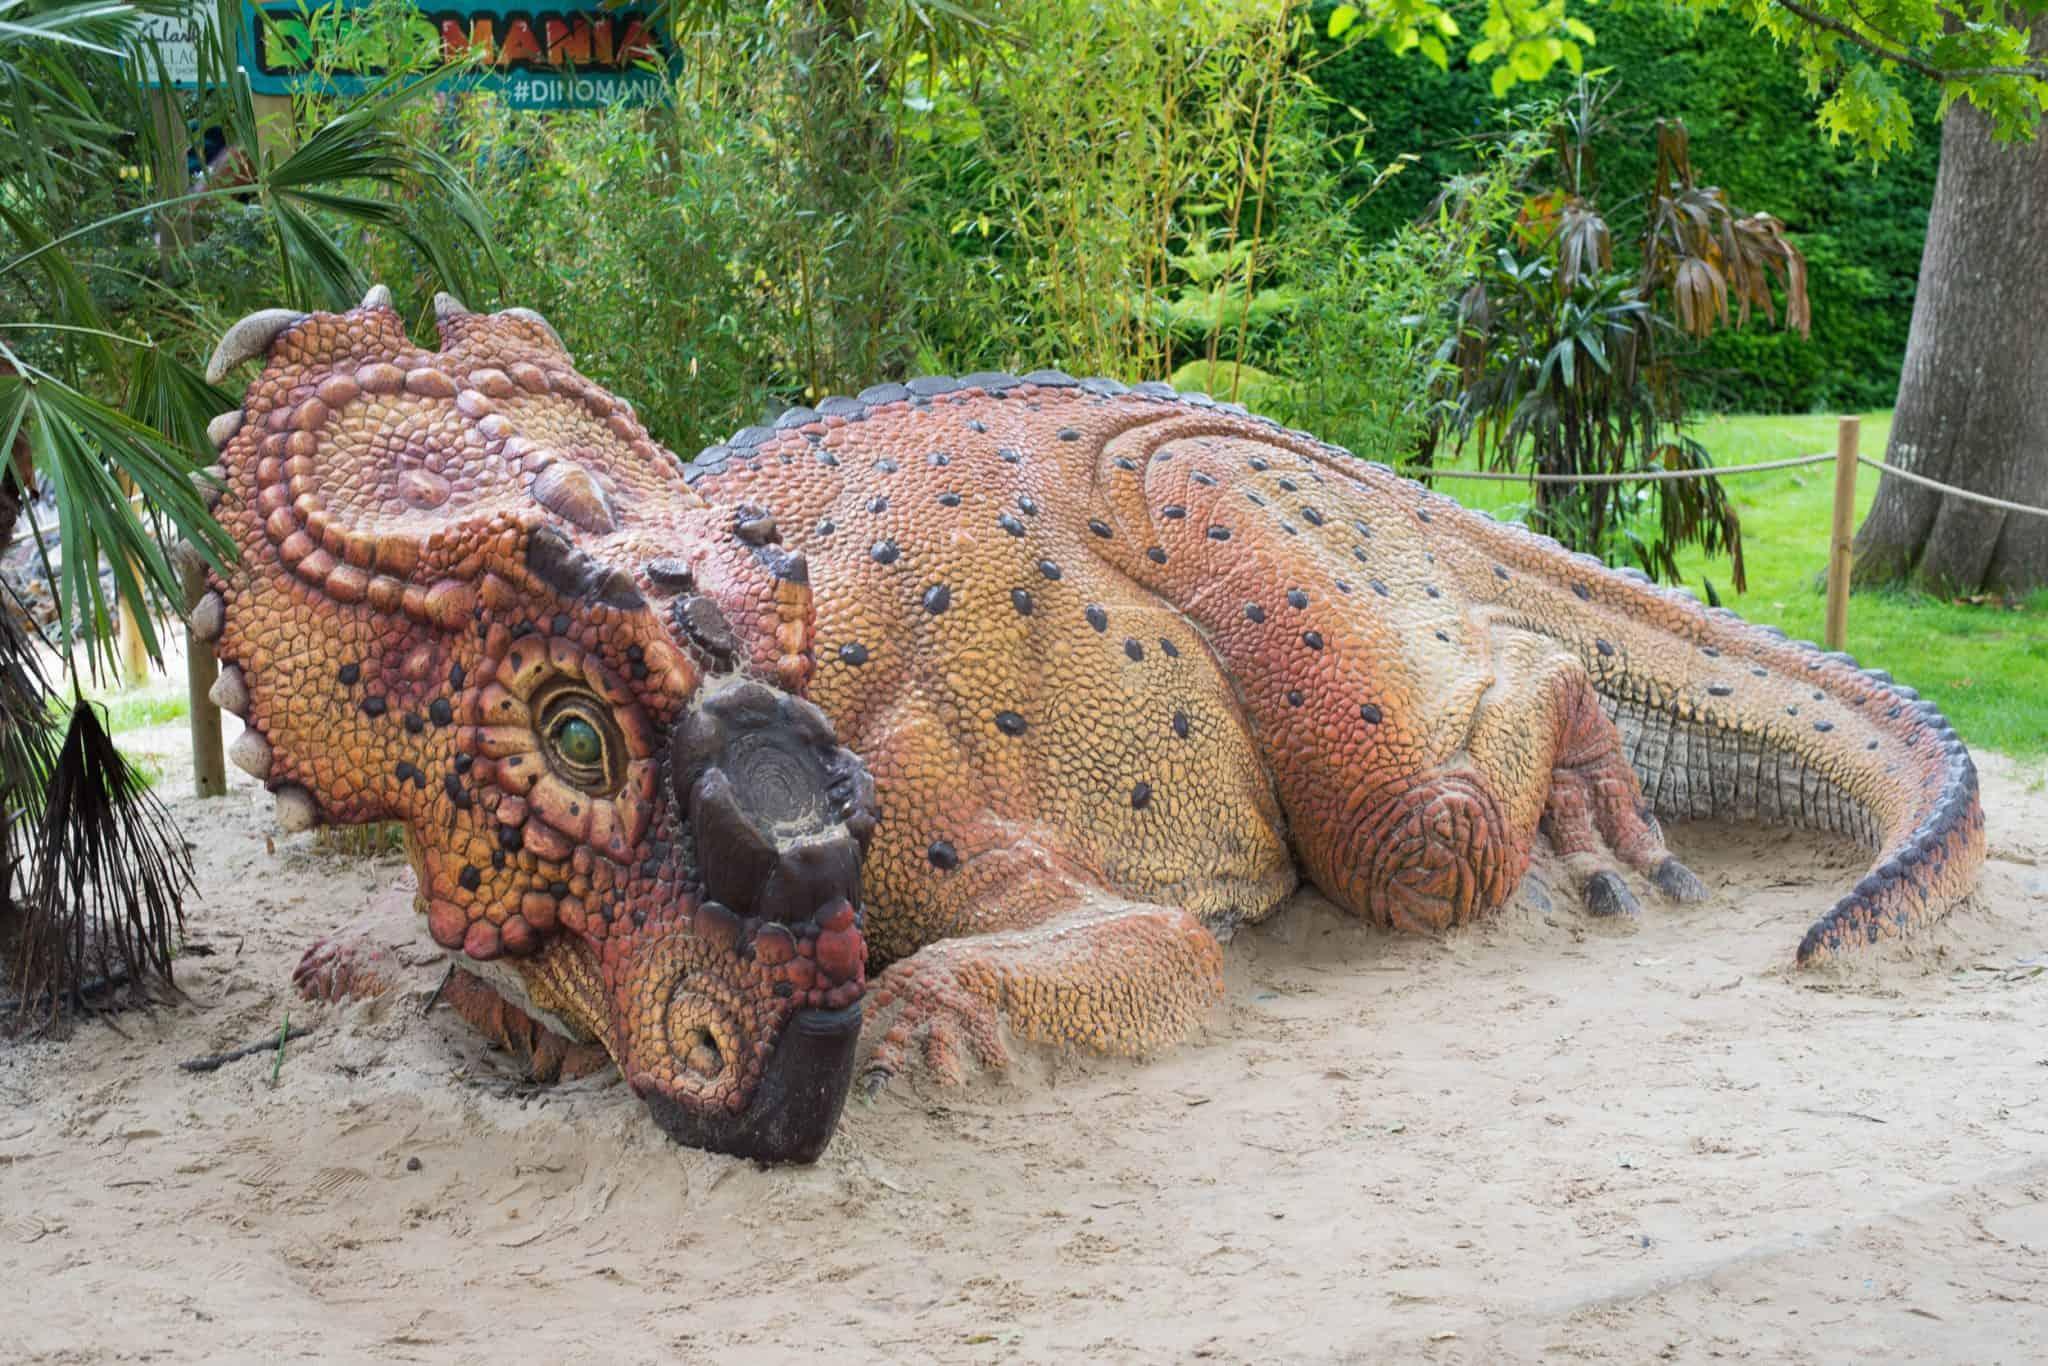 Dinomania Bristol Zoo